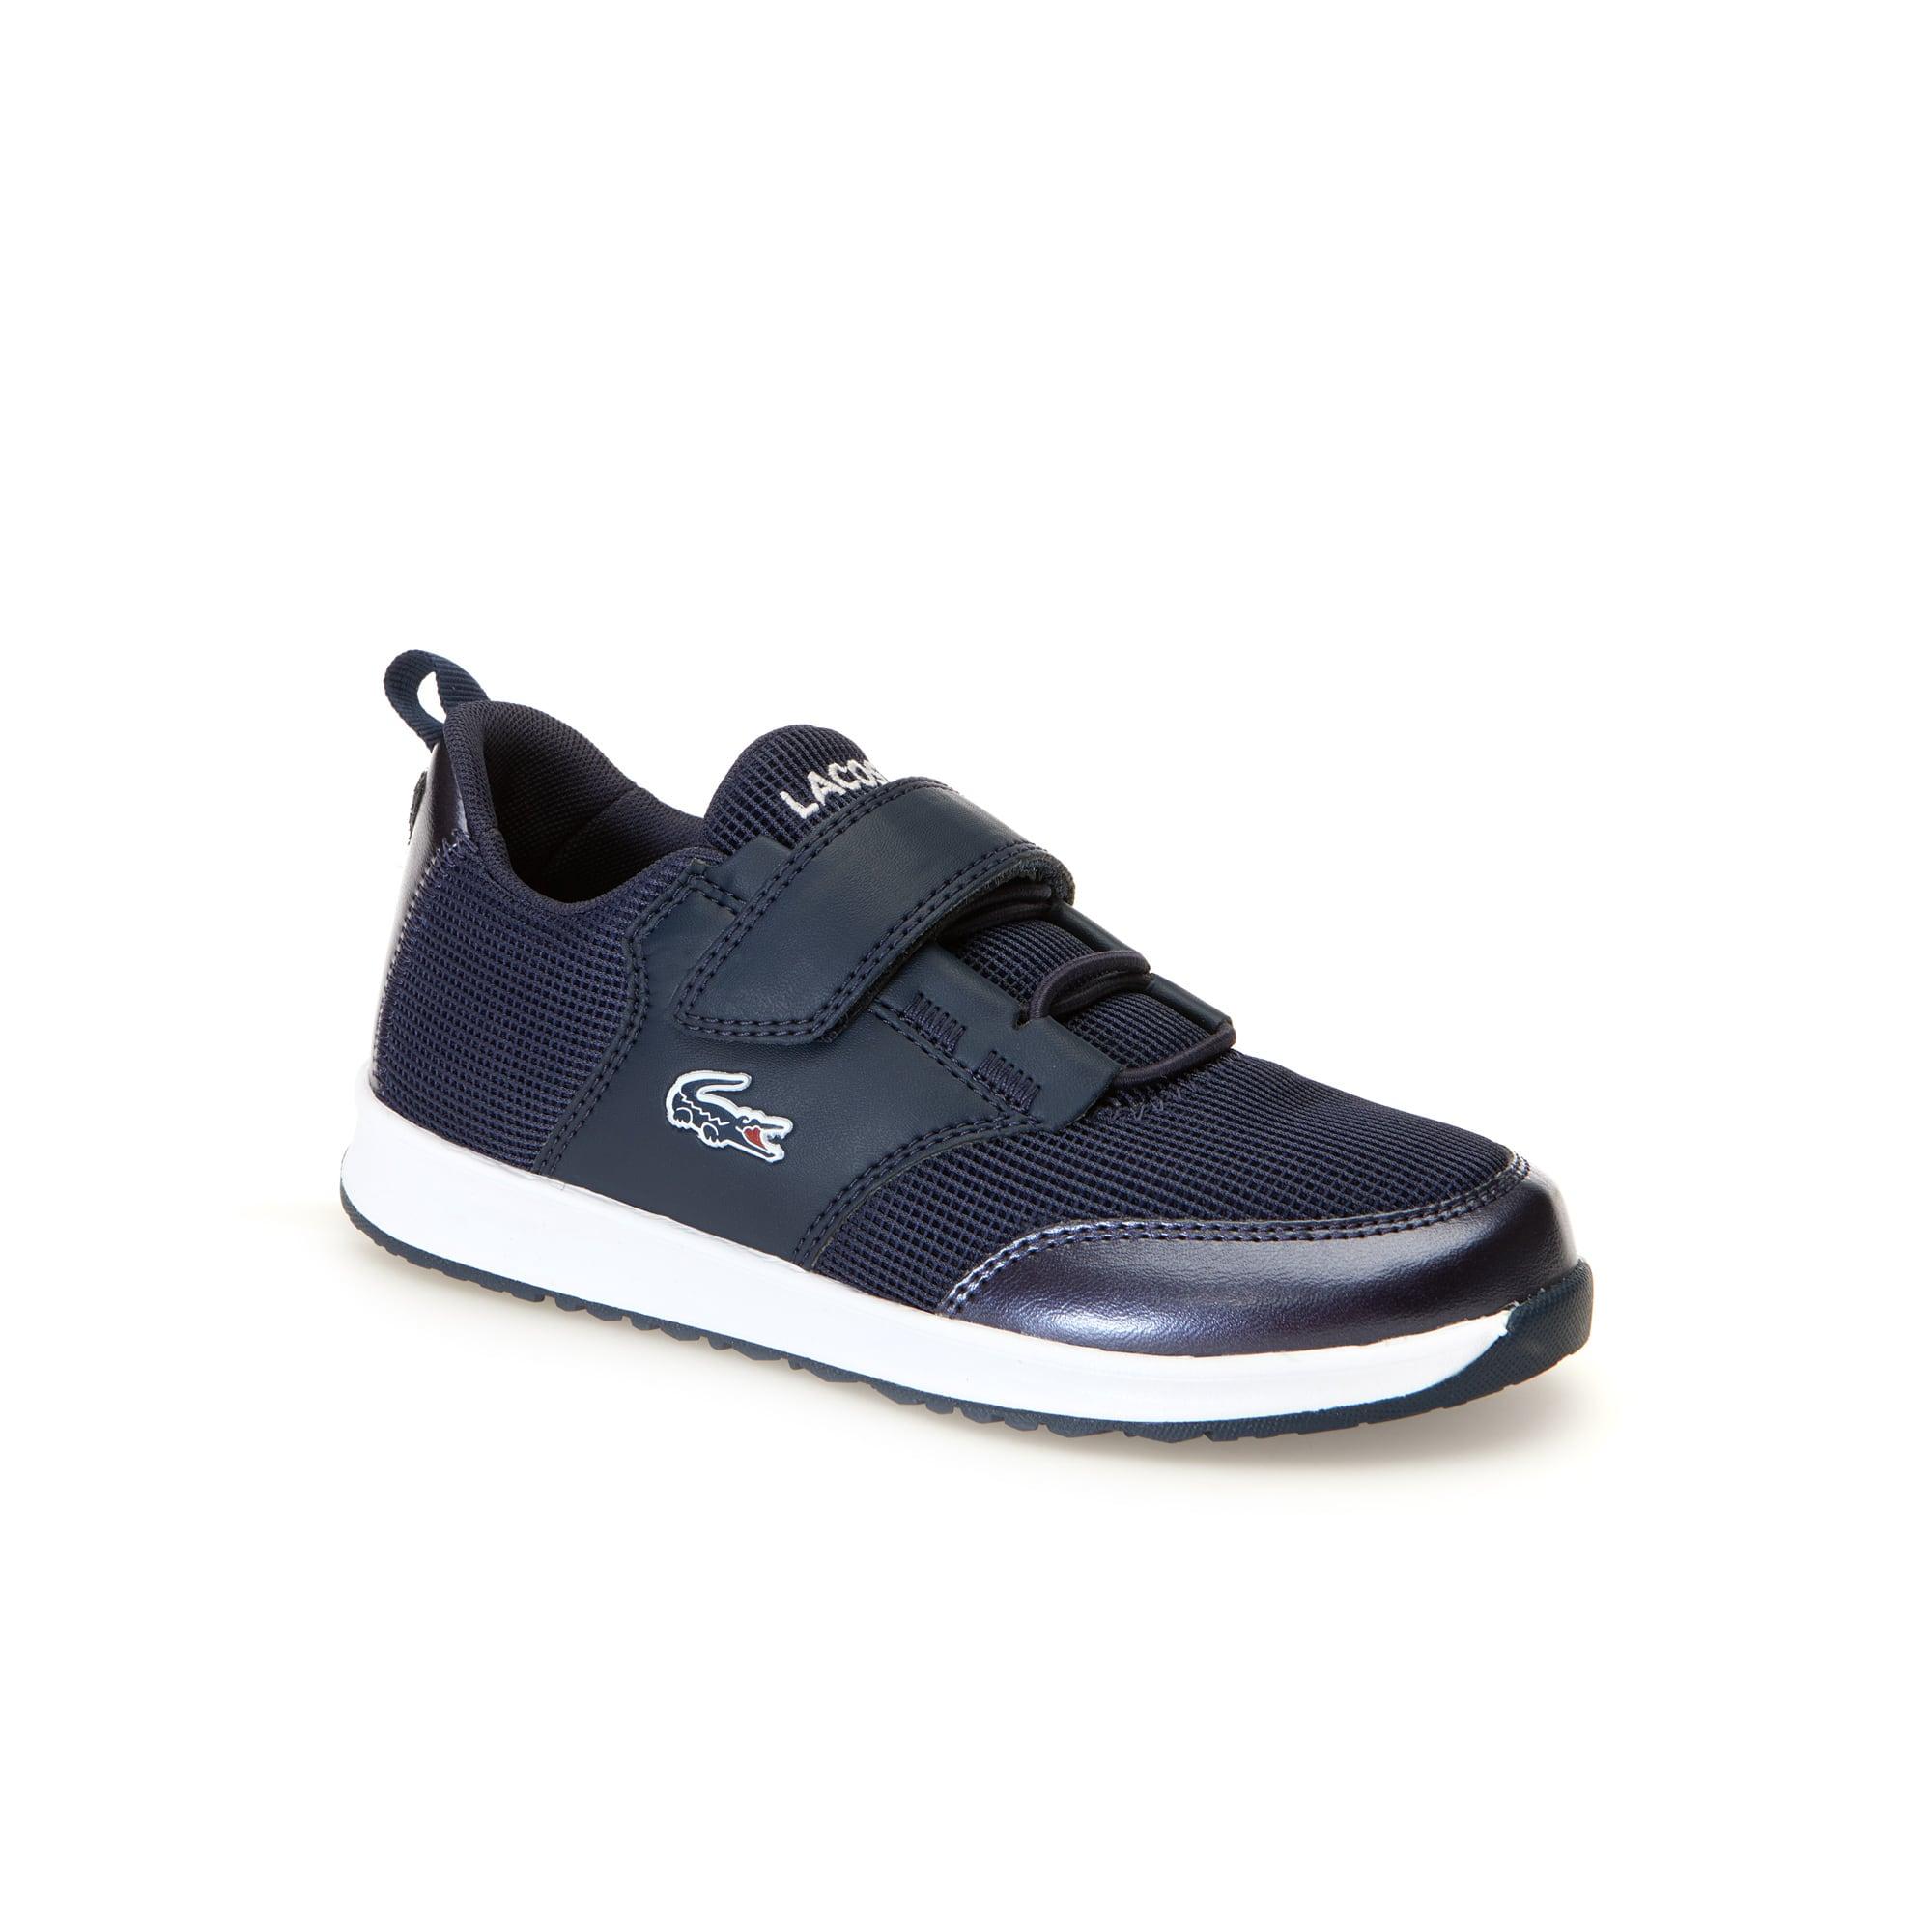 Kinder-Sneakers L-IGHT metallisch aus Textil und Synthetik